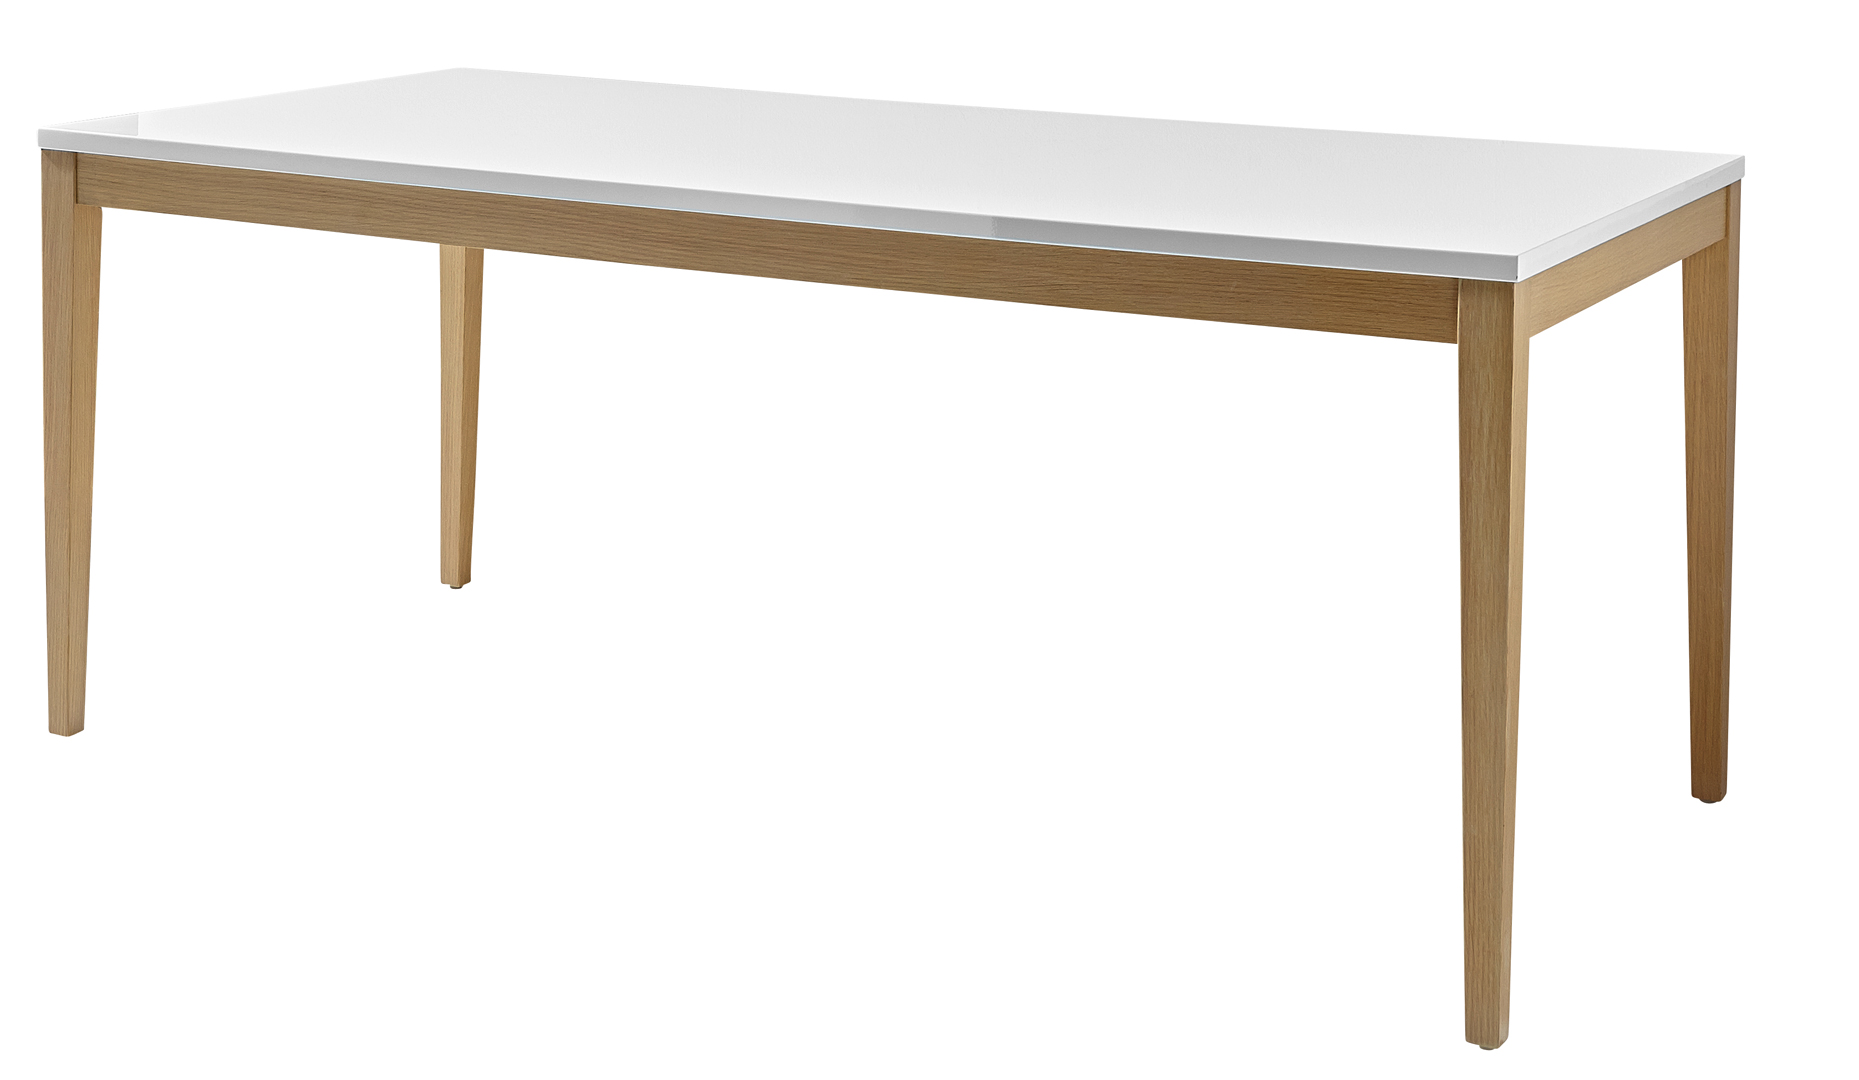 Table de salle à manger rectangulaire blanc laqué/chêne Riviero